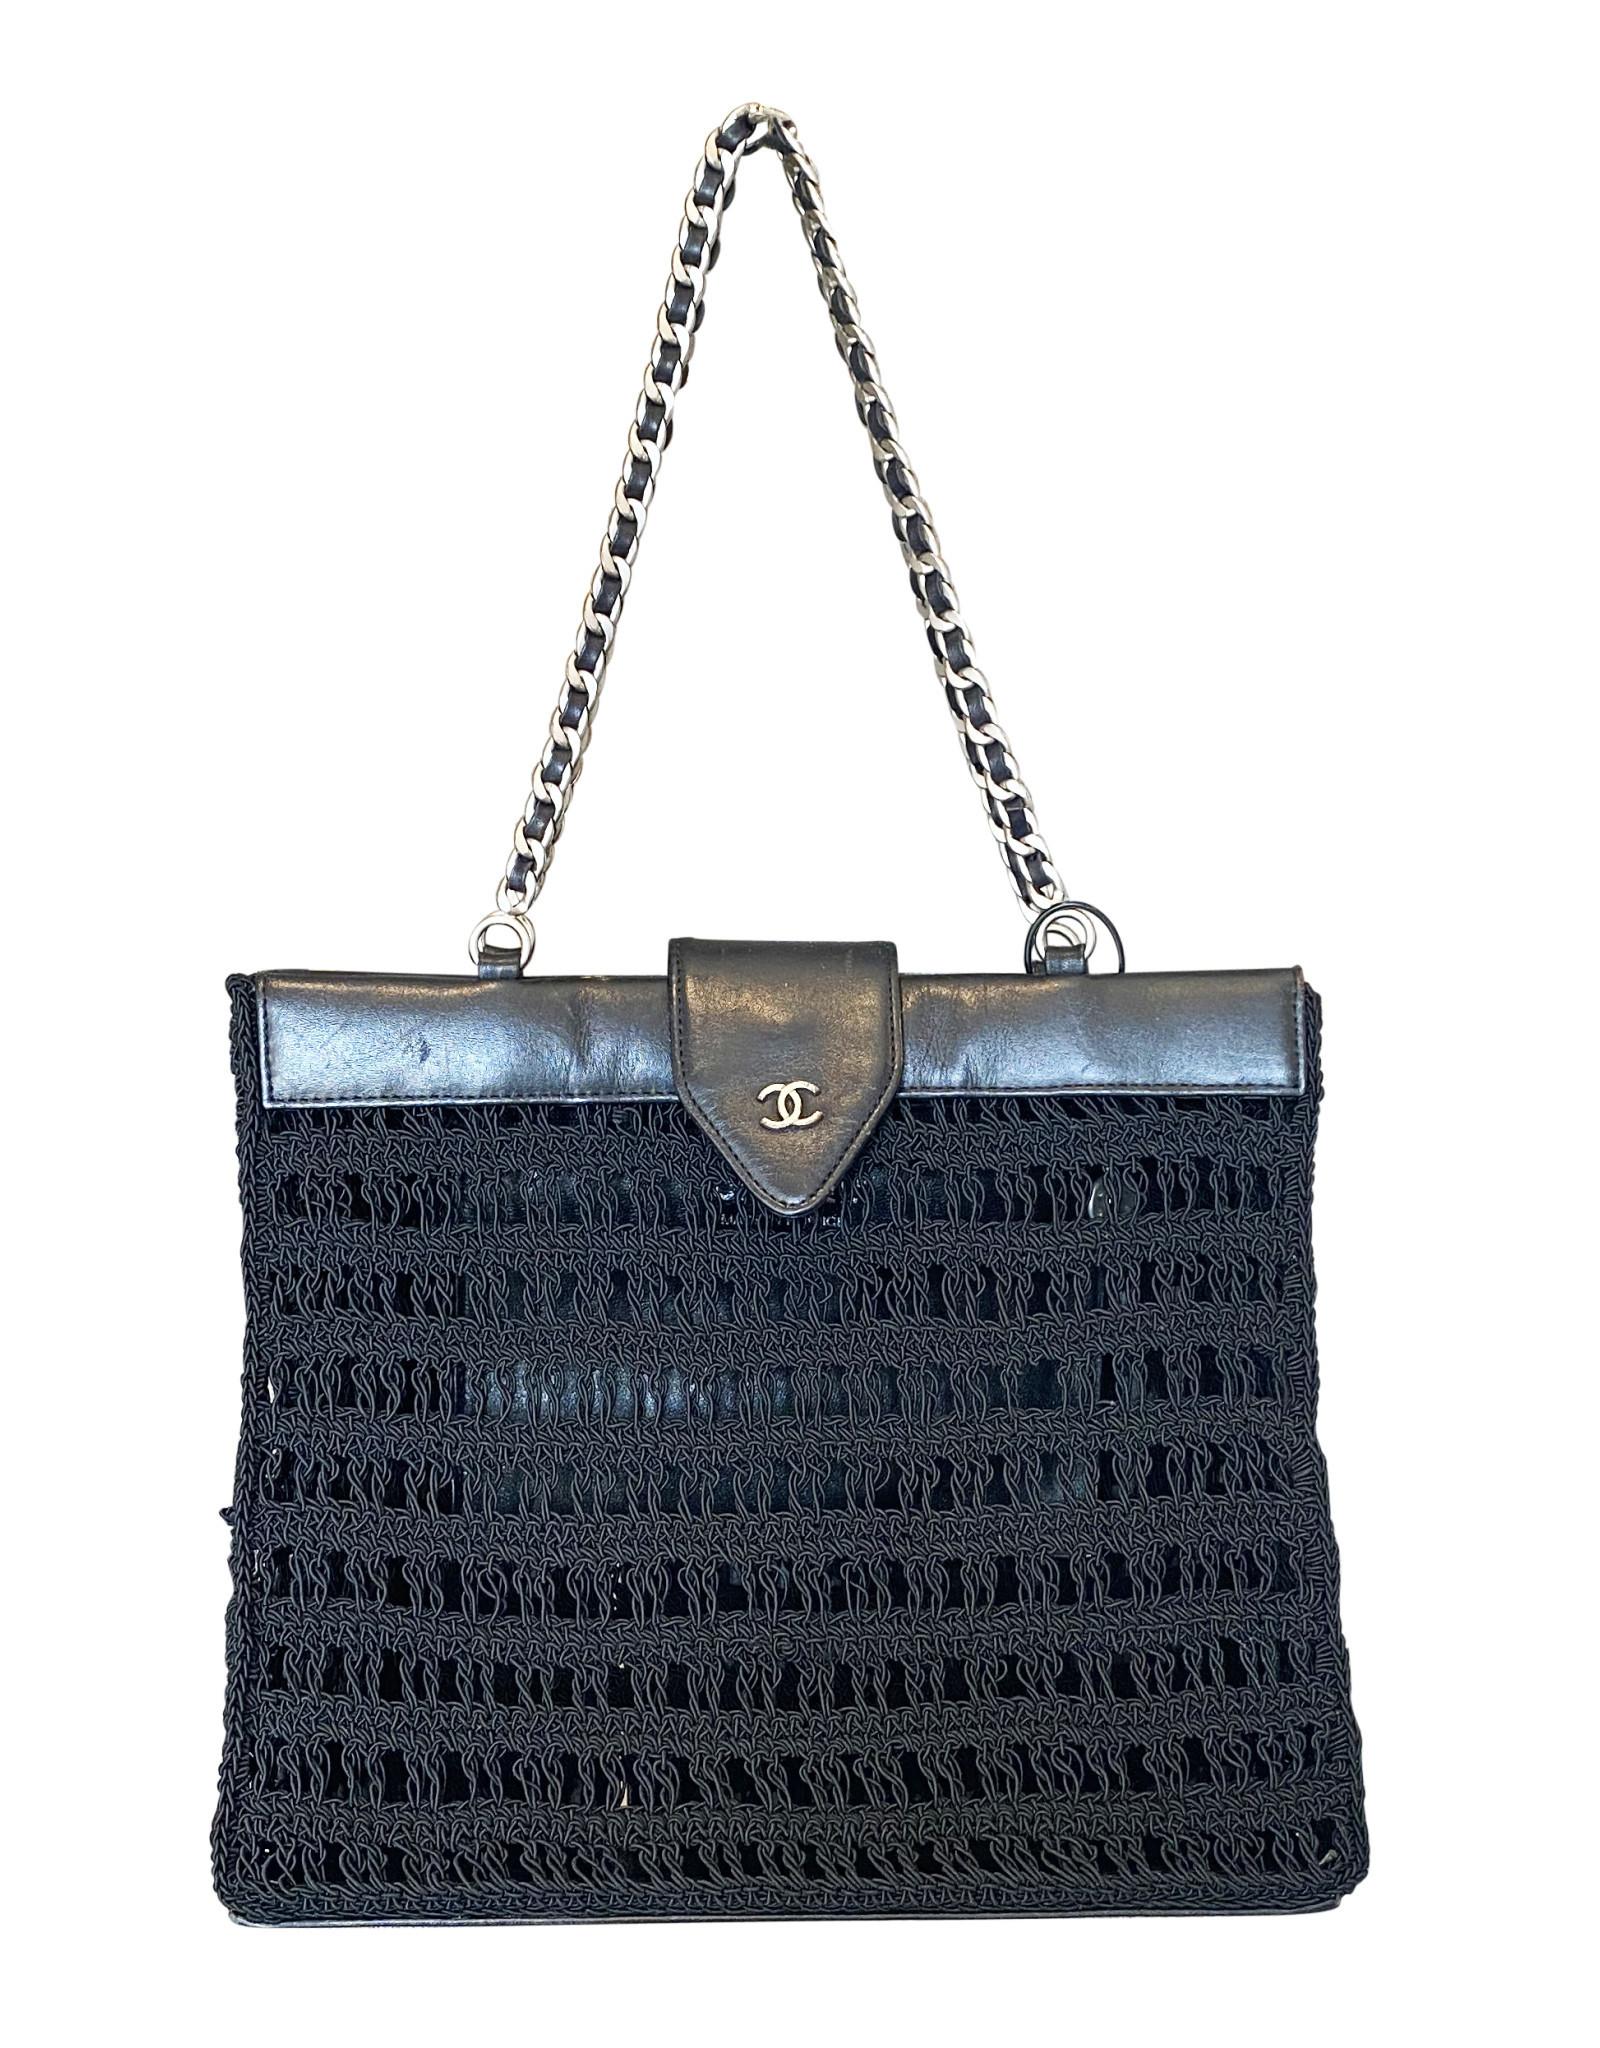 Chanel Chanel Crochet Shoulder Bag (Late 1990s Vintage)